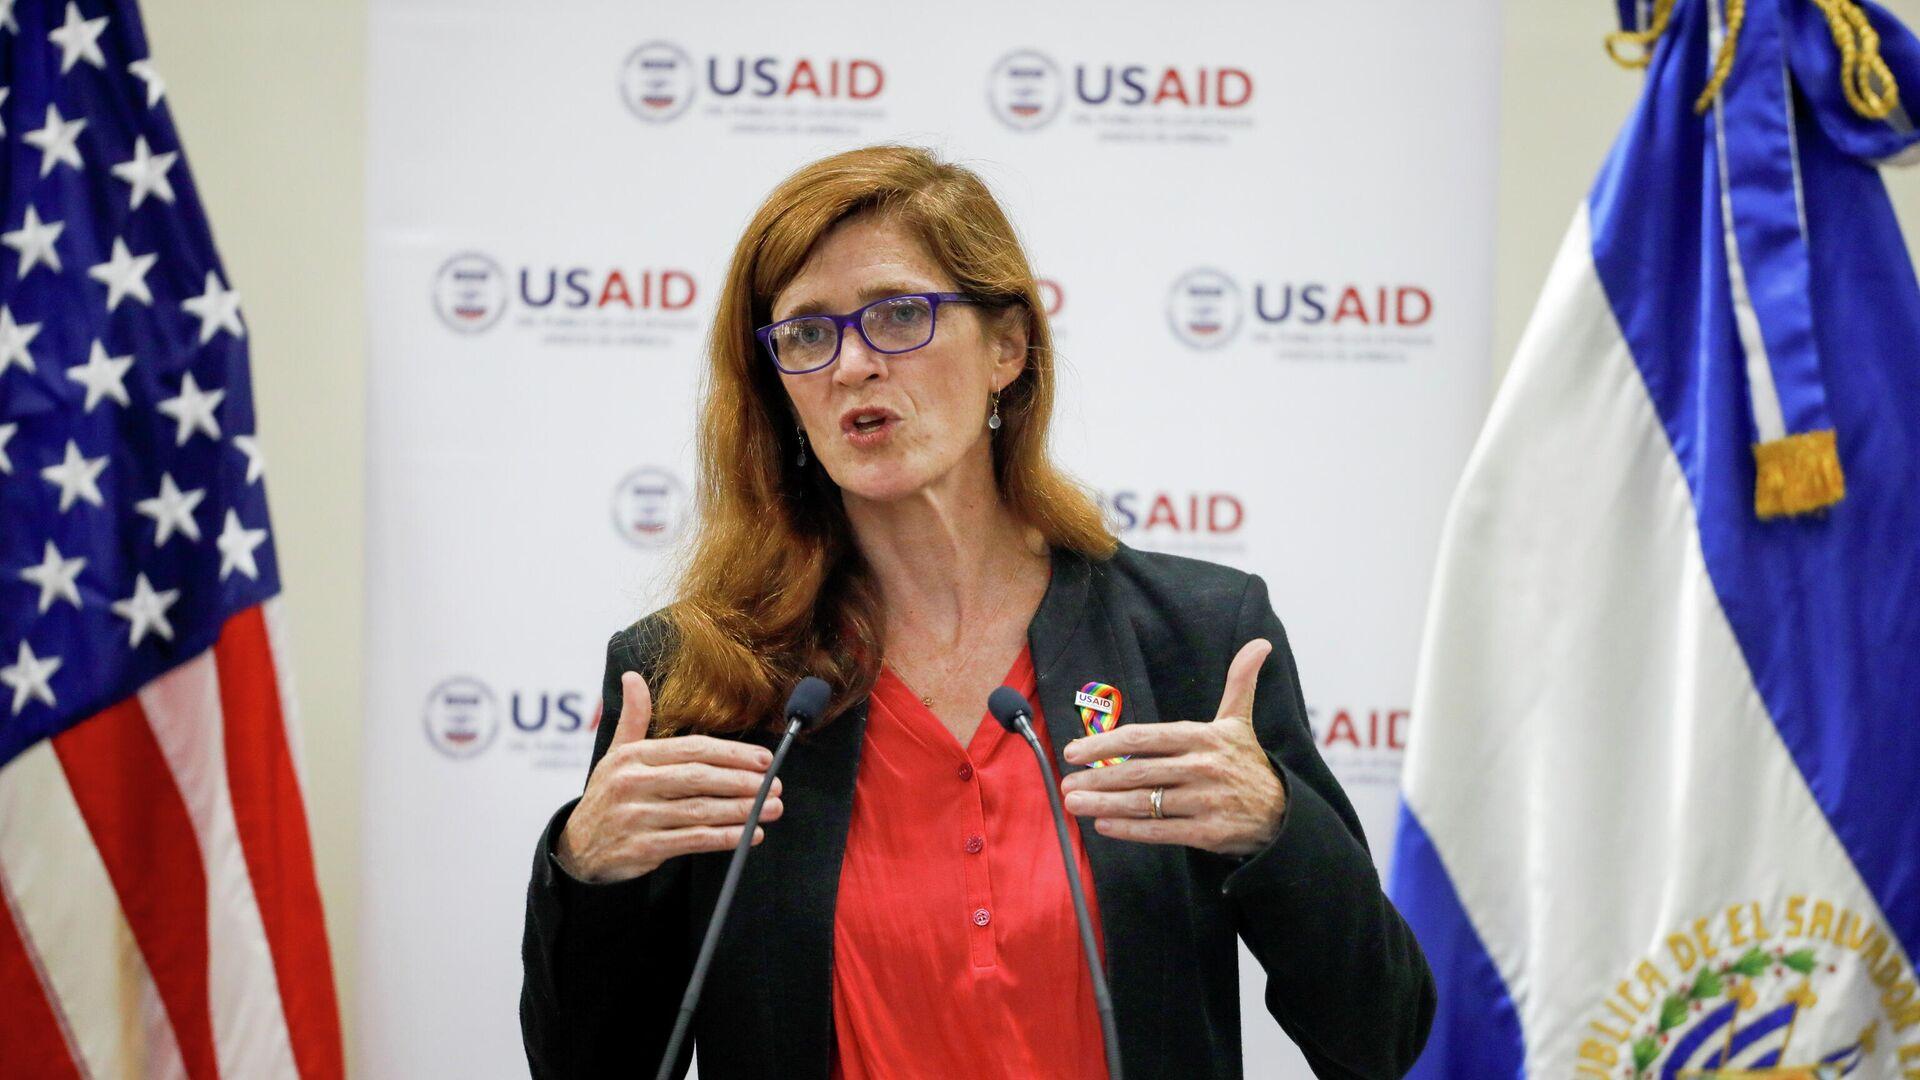 Samantha Powers, jefa de la Agencia de Estados Unidos para el Desarrollo Internacional (USAID) - Sputnik Mundo, 1920, 04.08.2021